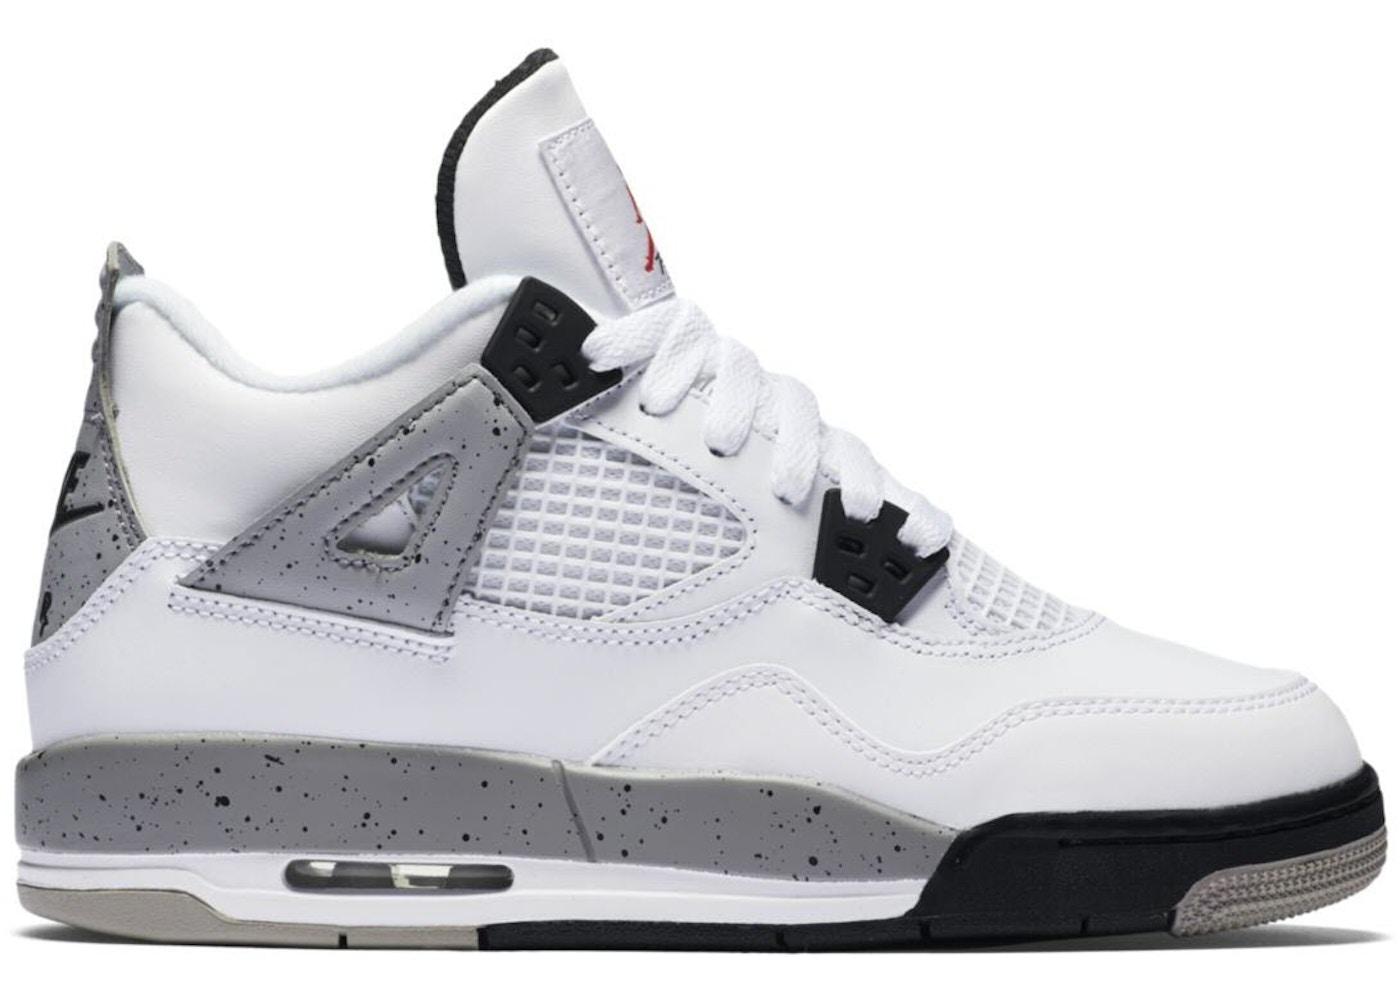 Jordan 4 Retro White Cement 2016 (GS) - 836016-192 727b25fad592